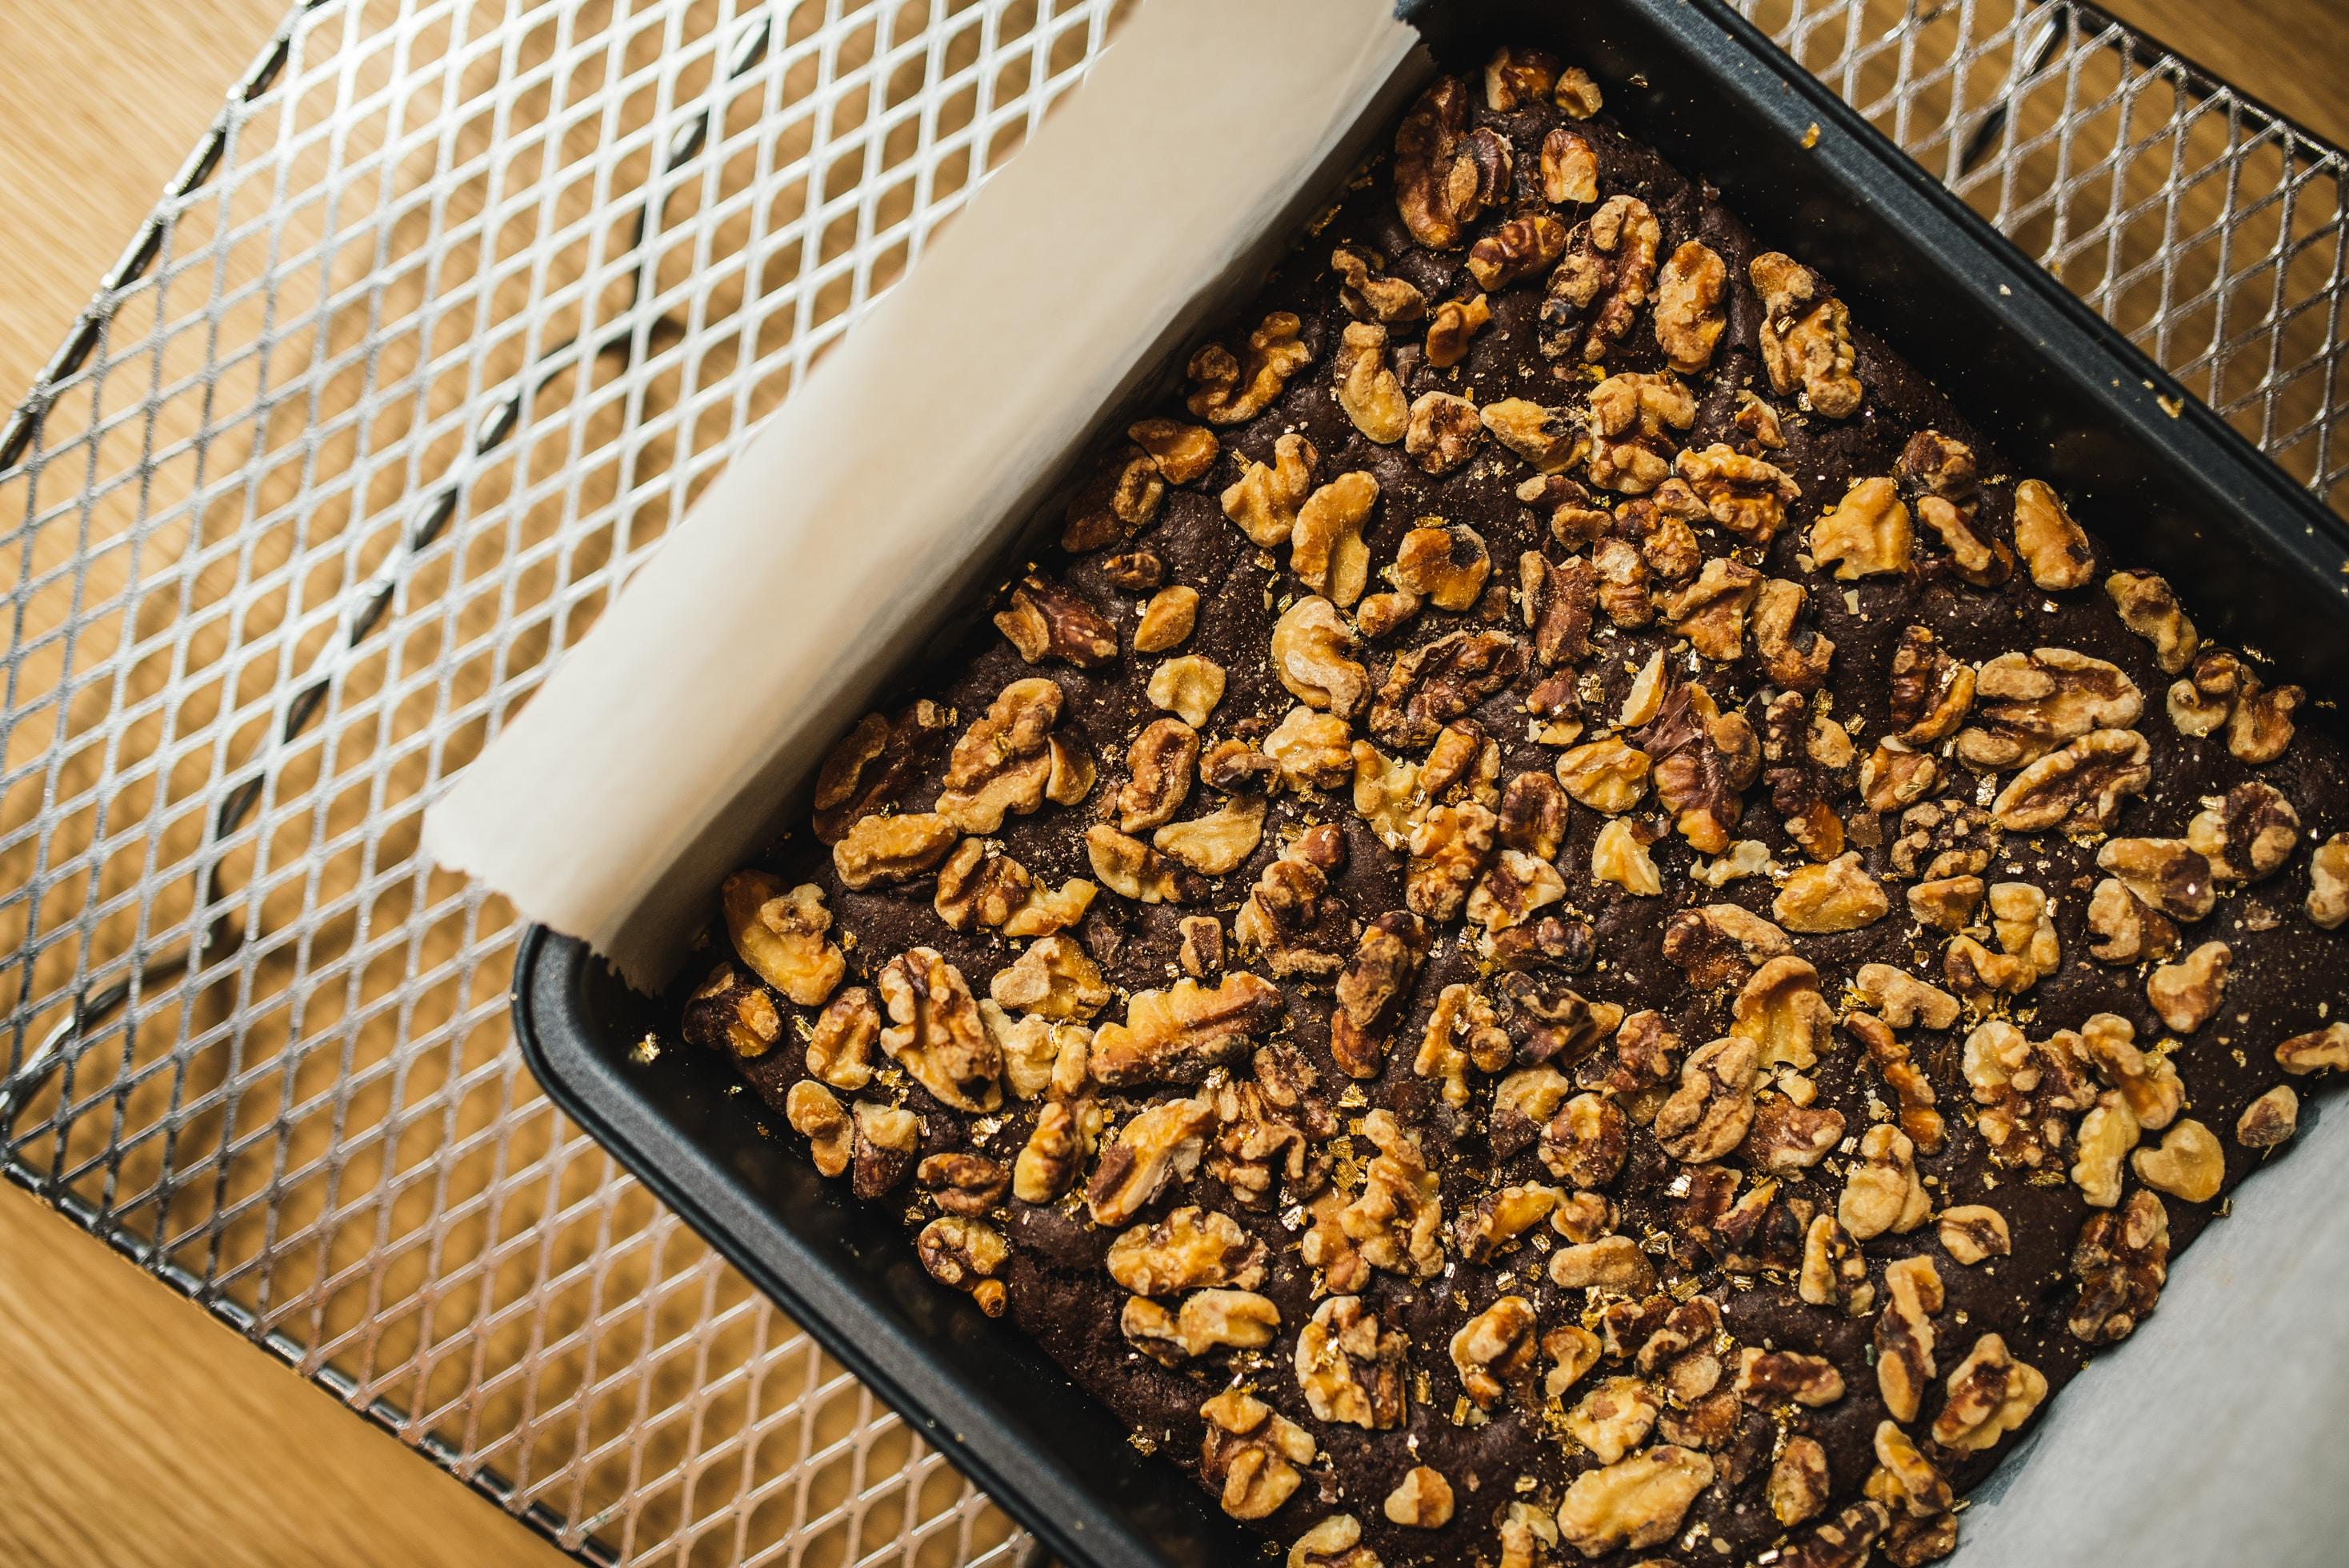 Torta con castagne secche, noci e cioccolato fondente